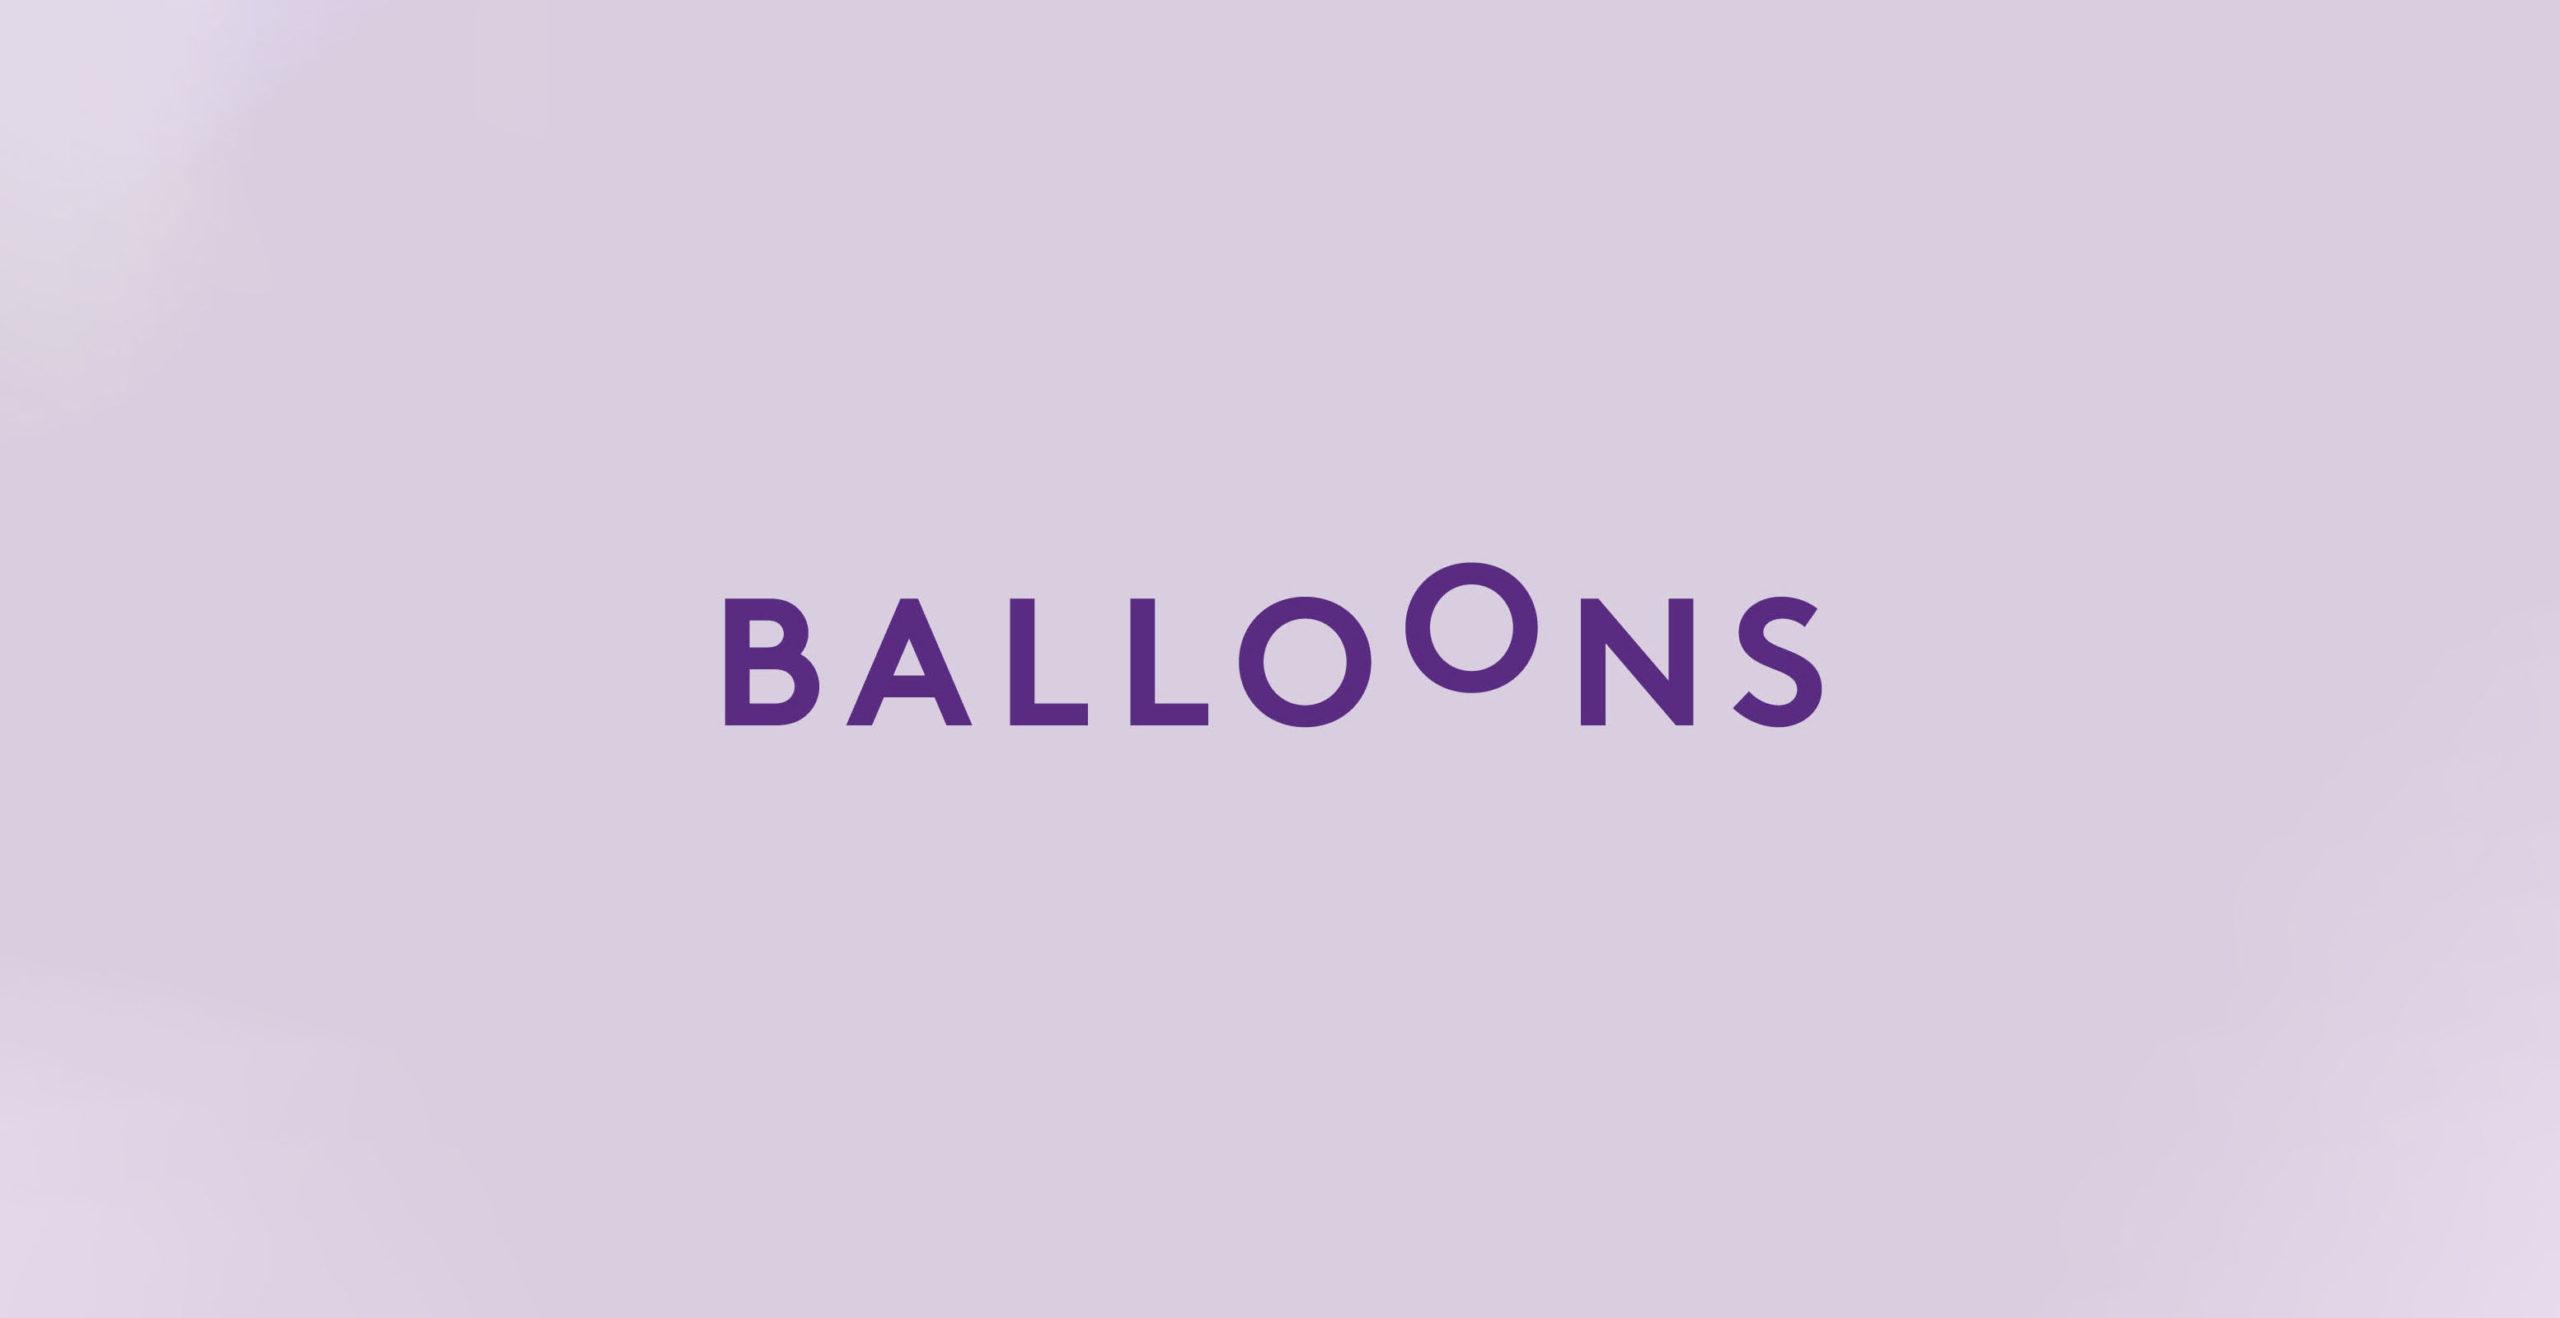 BALLOONS_LOGO